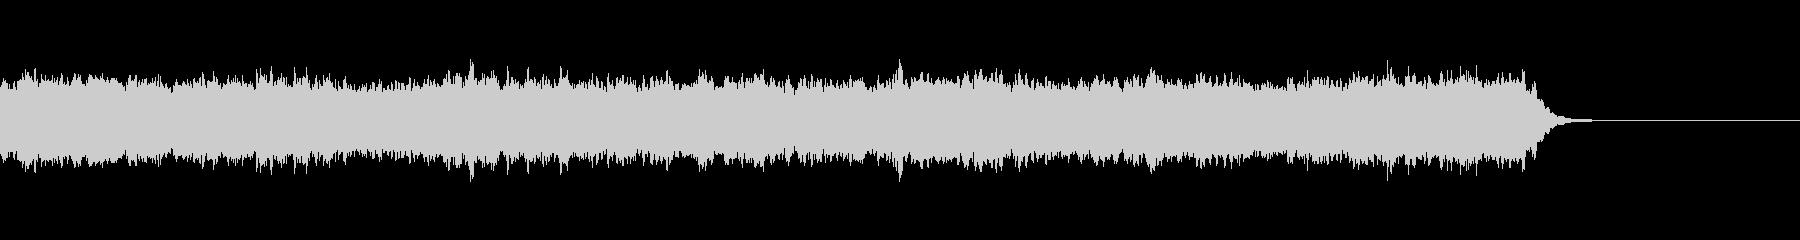 23秒間のフィードバック和音Aセヴンの未再生の波形